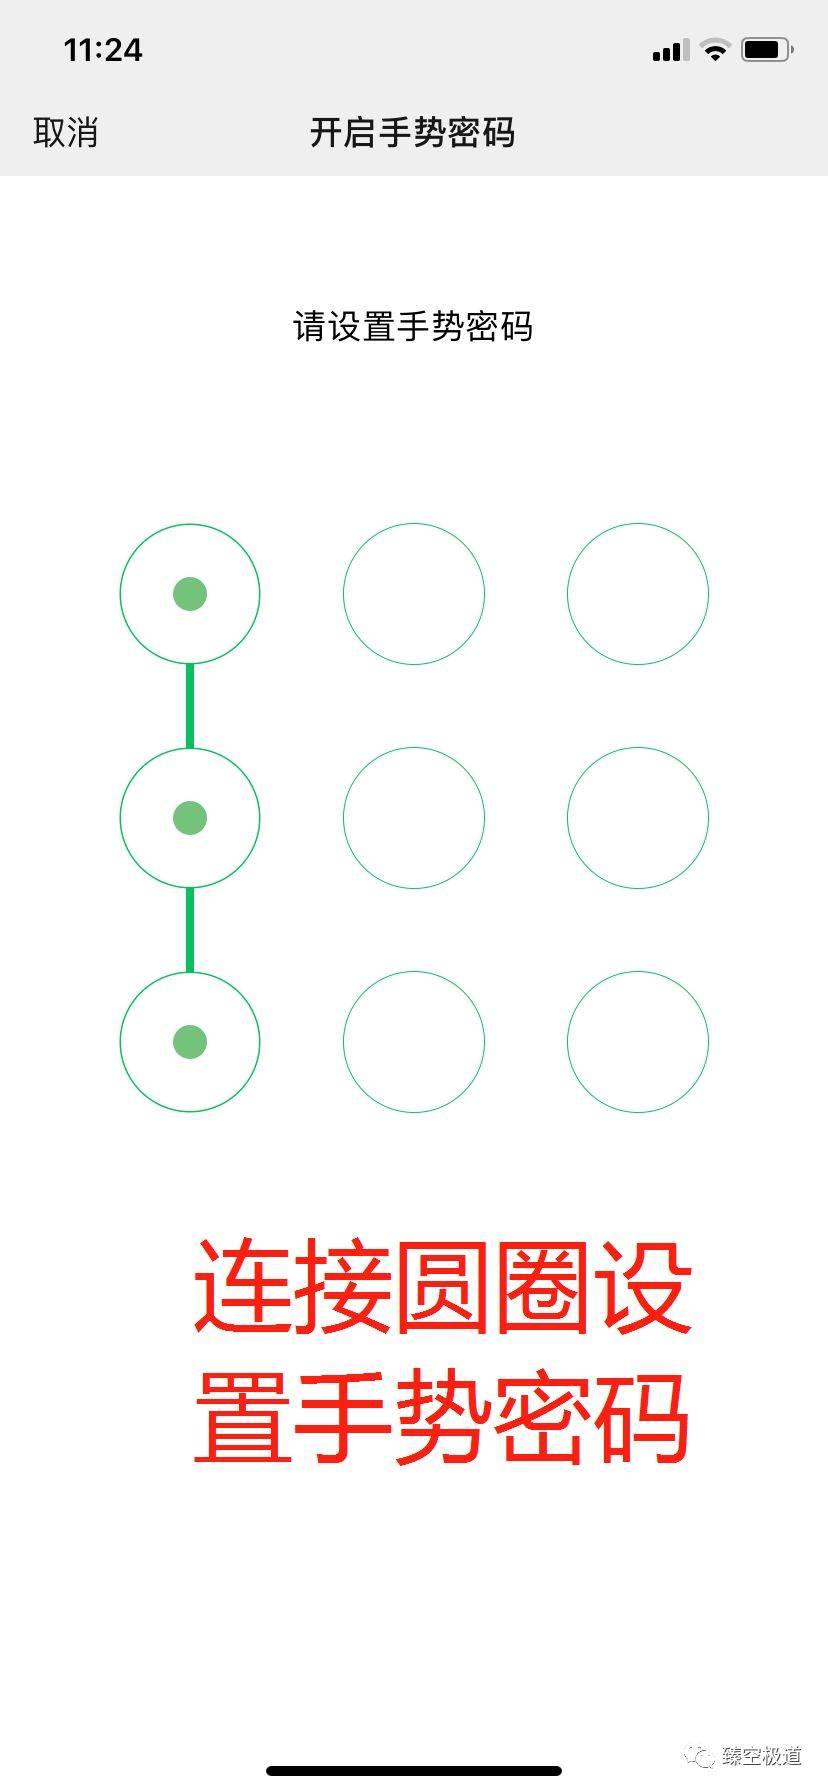 微信手势密码在哪设置(微信手势密码怎么取消关闭)插图(7)